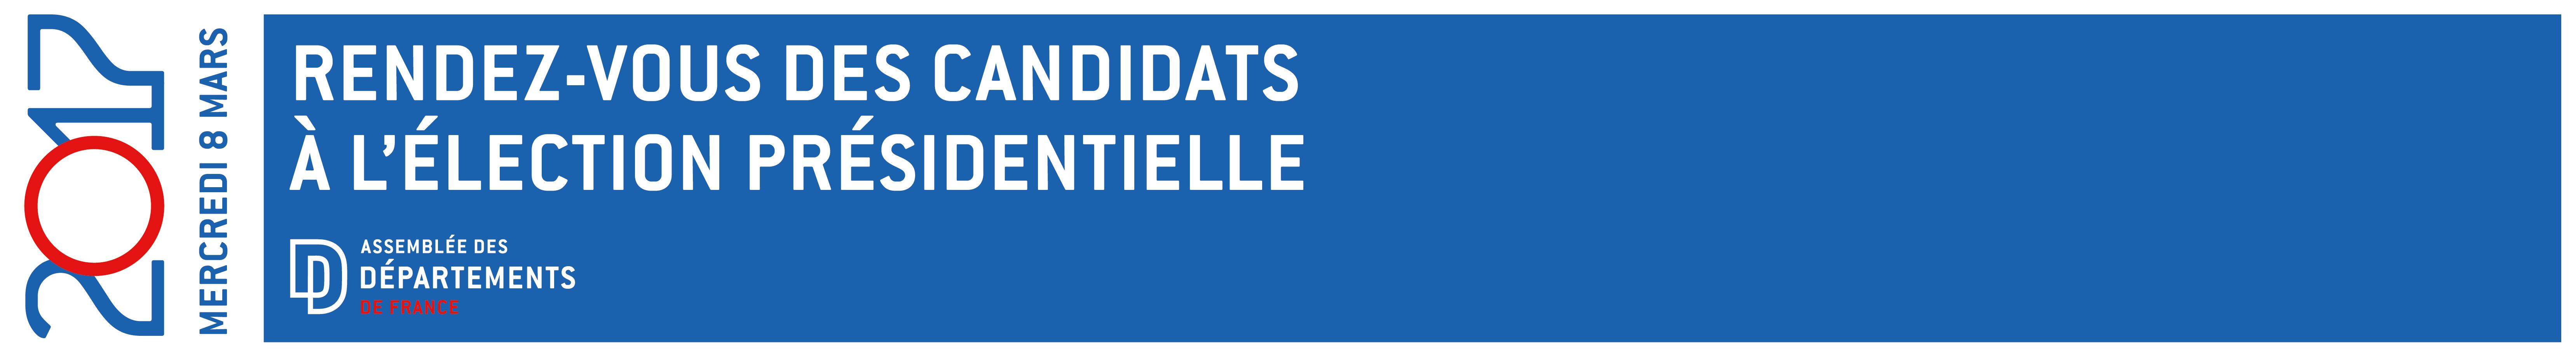 Élection présidentielle : L'ADF donne rdv aux candidats le 8 mars 2017